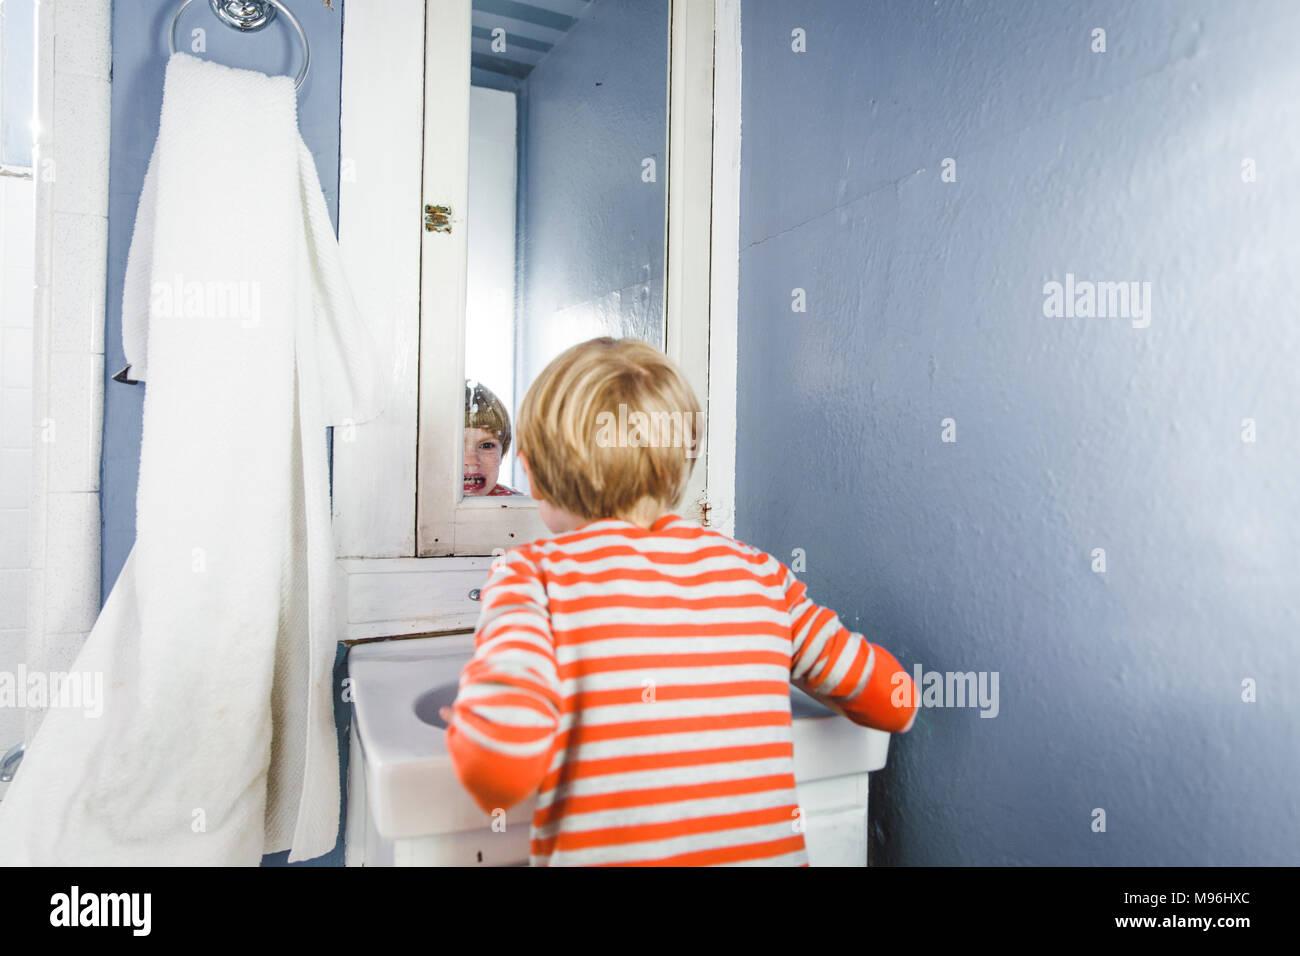 Junge Kontrolle seine Zähne im Spiegel Stockbild